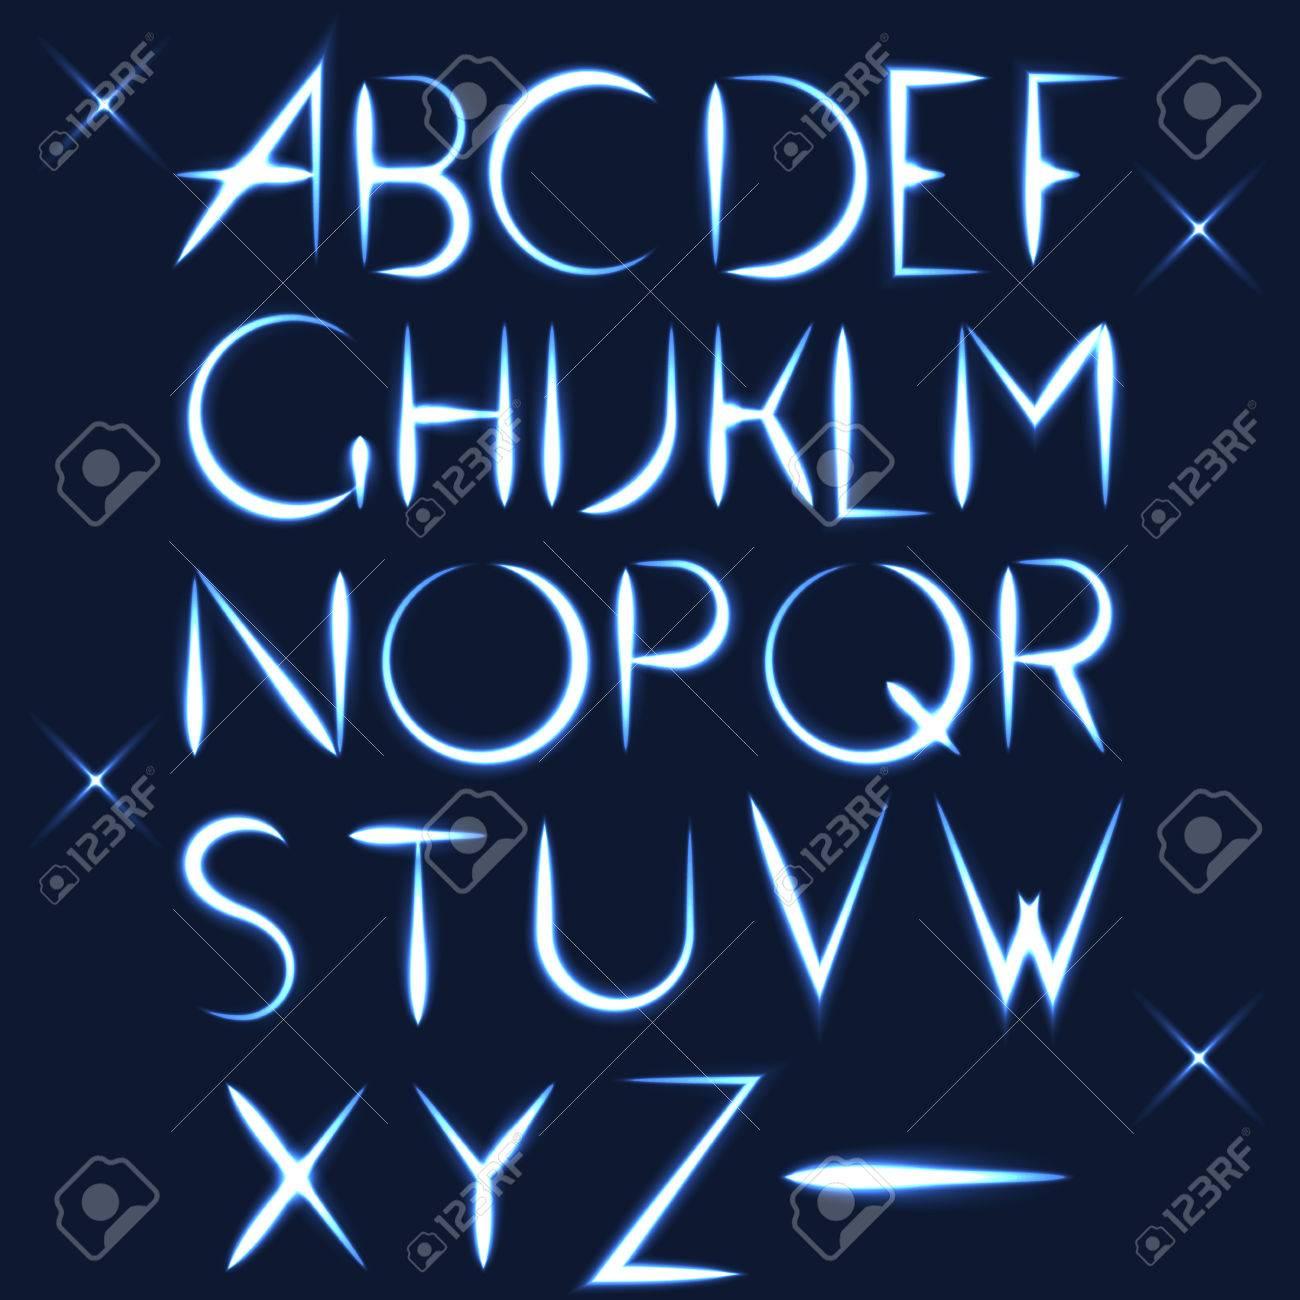 abc alphabet light font for letter design on dark background royalty